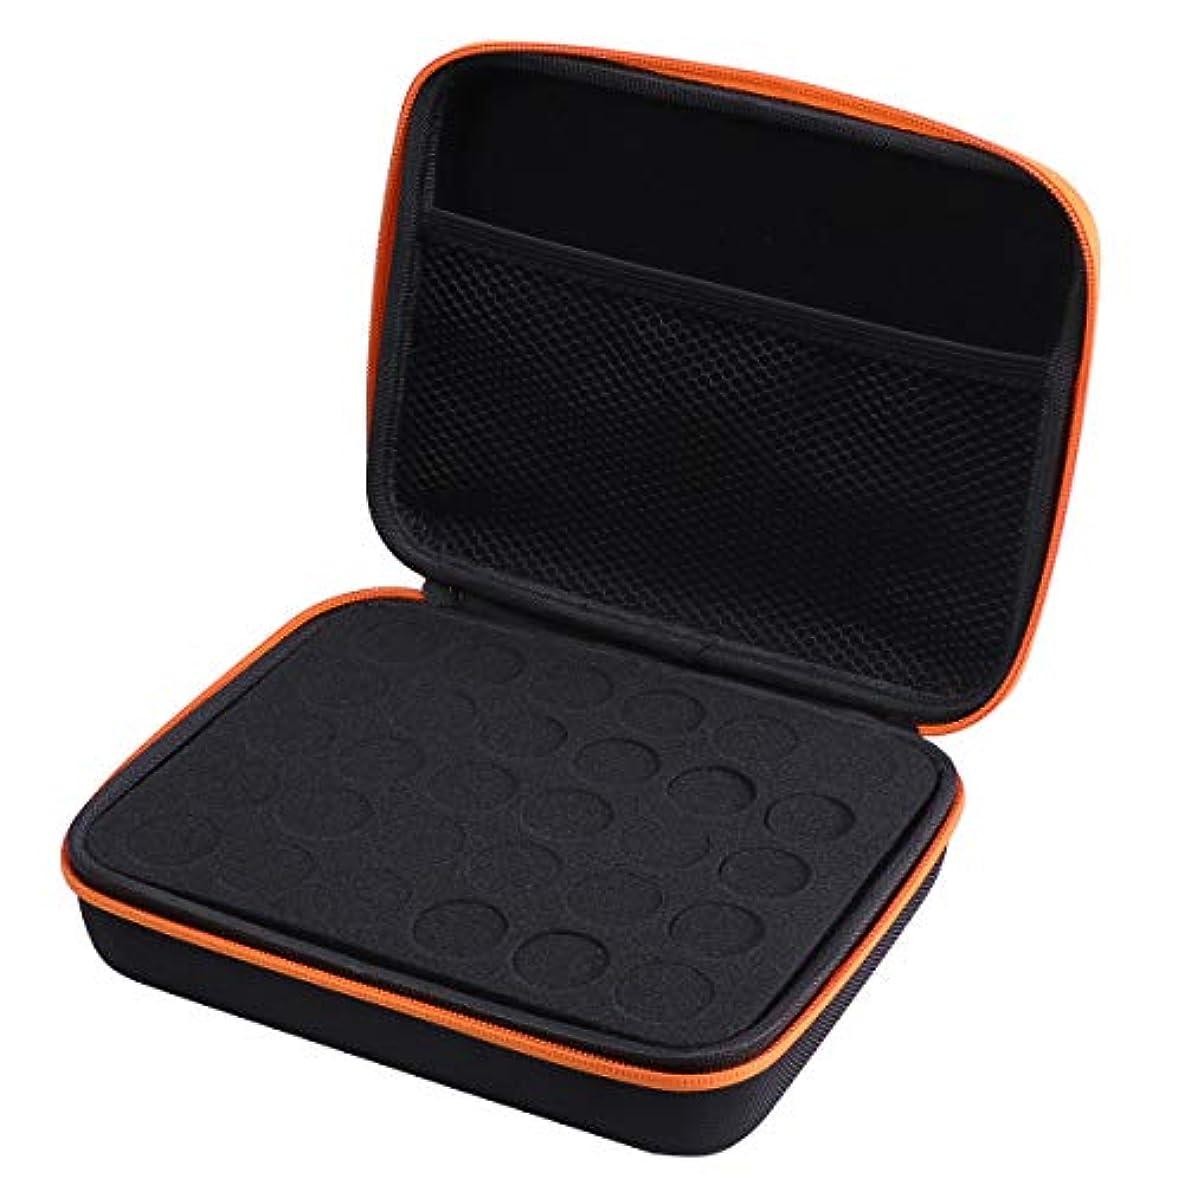 に話す闘争びんFrcolor エッセンシャルオイル ケース 携帯用 アロマポーチ アロマケース メイクポーチ 精油ケース 30本用(オレンジ)